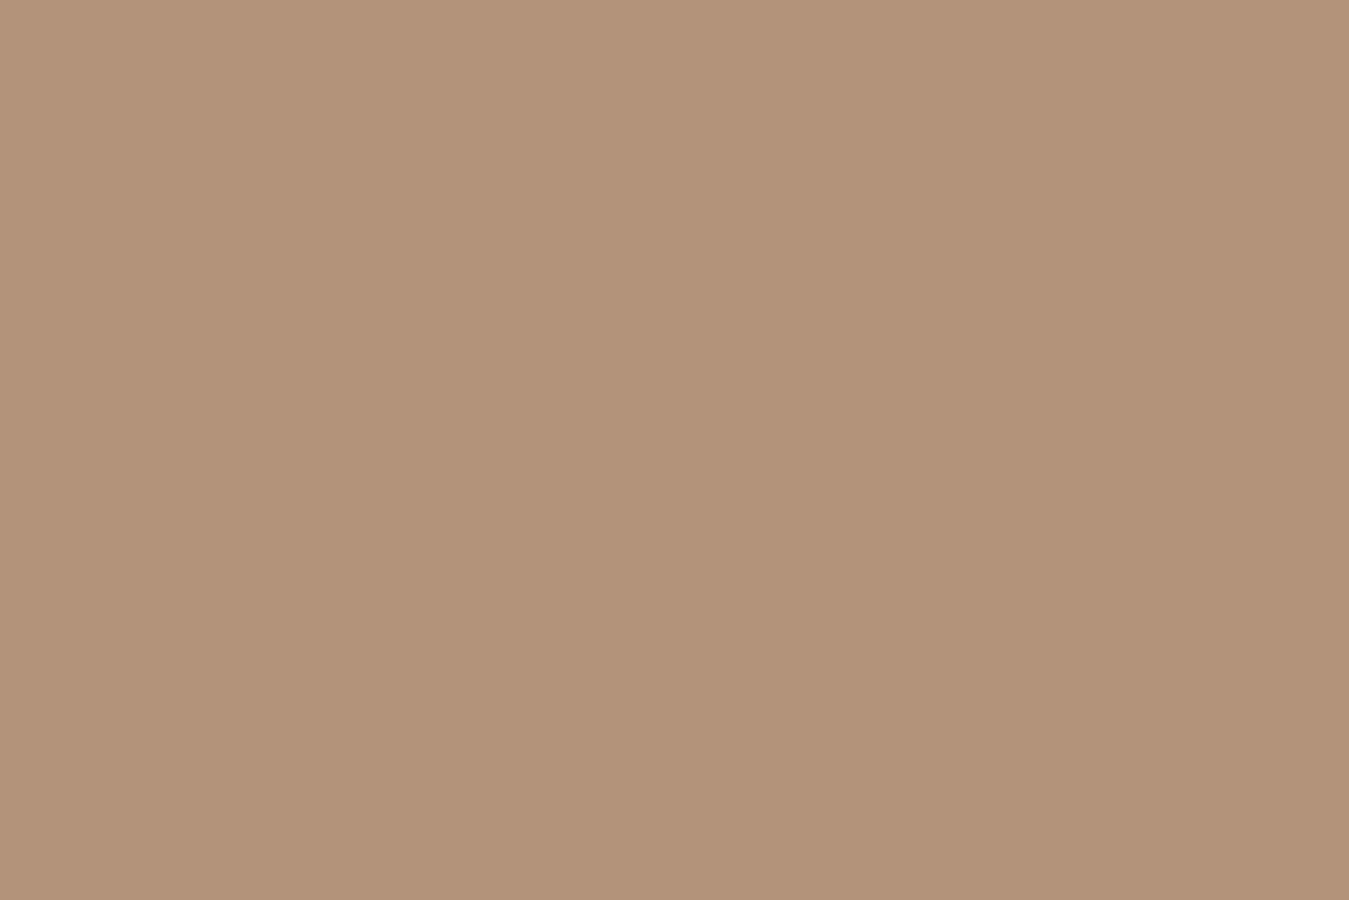 Репетиция балета «Герой нашего времени» под руководством Юрия Посохова. Кристина Кретова (Вера) и Руслан Скворцов (Печорин). Фото: Елена Фетисова